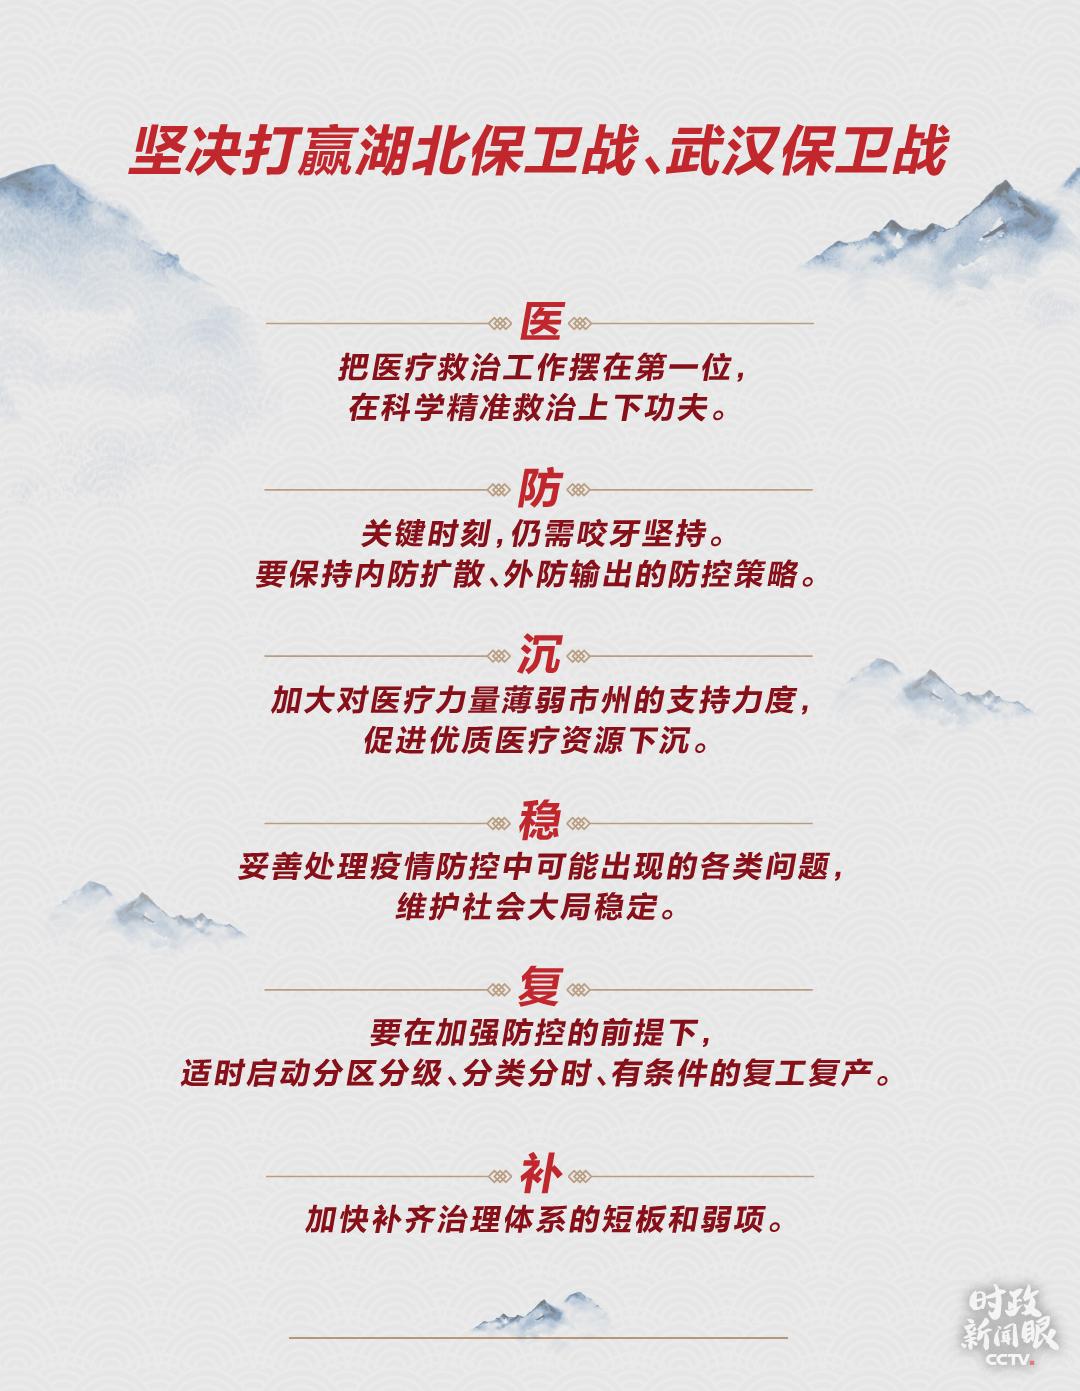 时政音信眼丨习近平赴武汉考察,传递哪些显明信号?